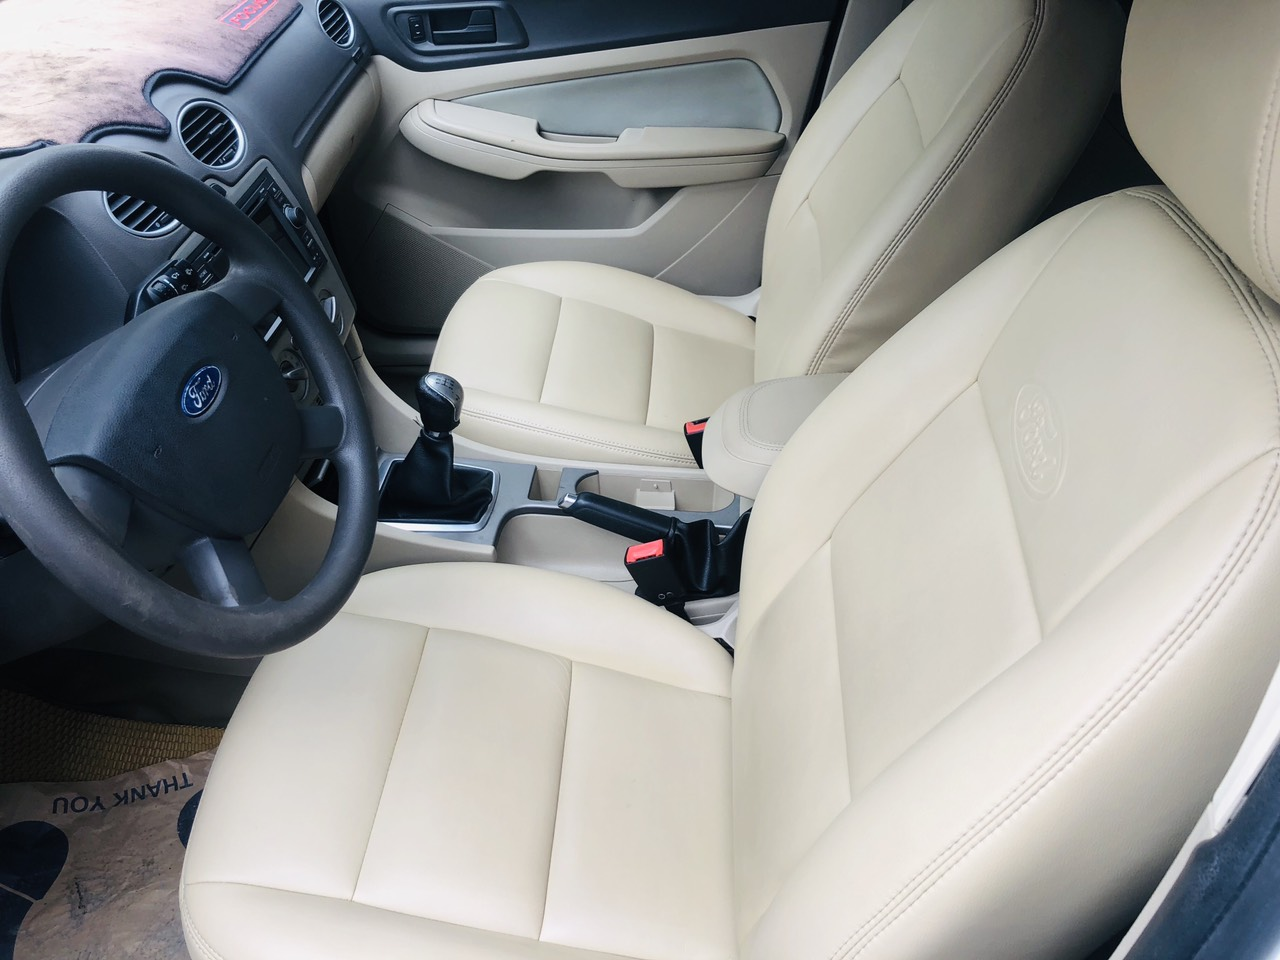 Bán Ford Focus 1.8 L mt đời 2009, màu trắng giá cạnh tranh